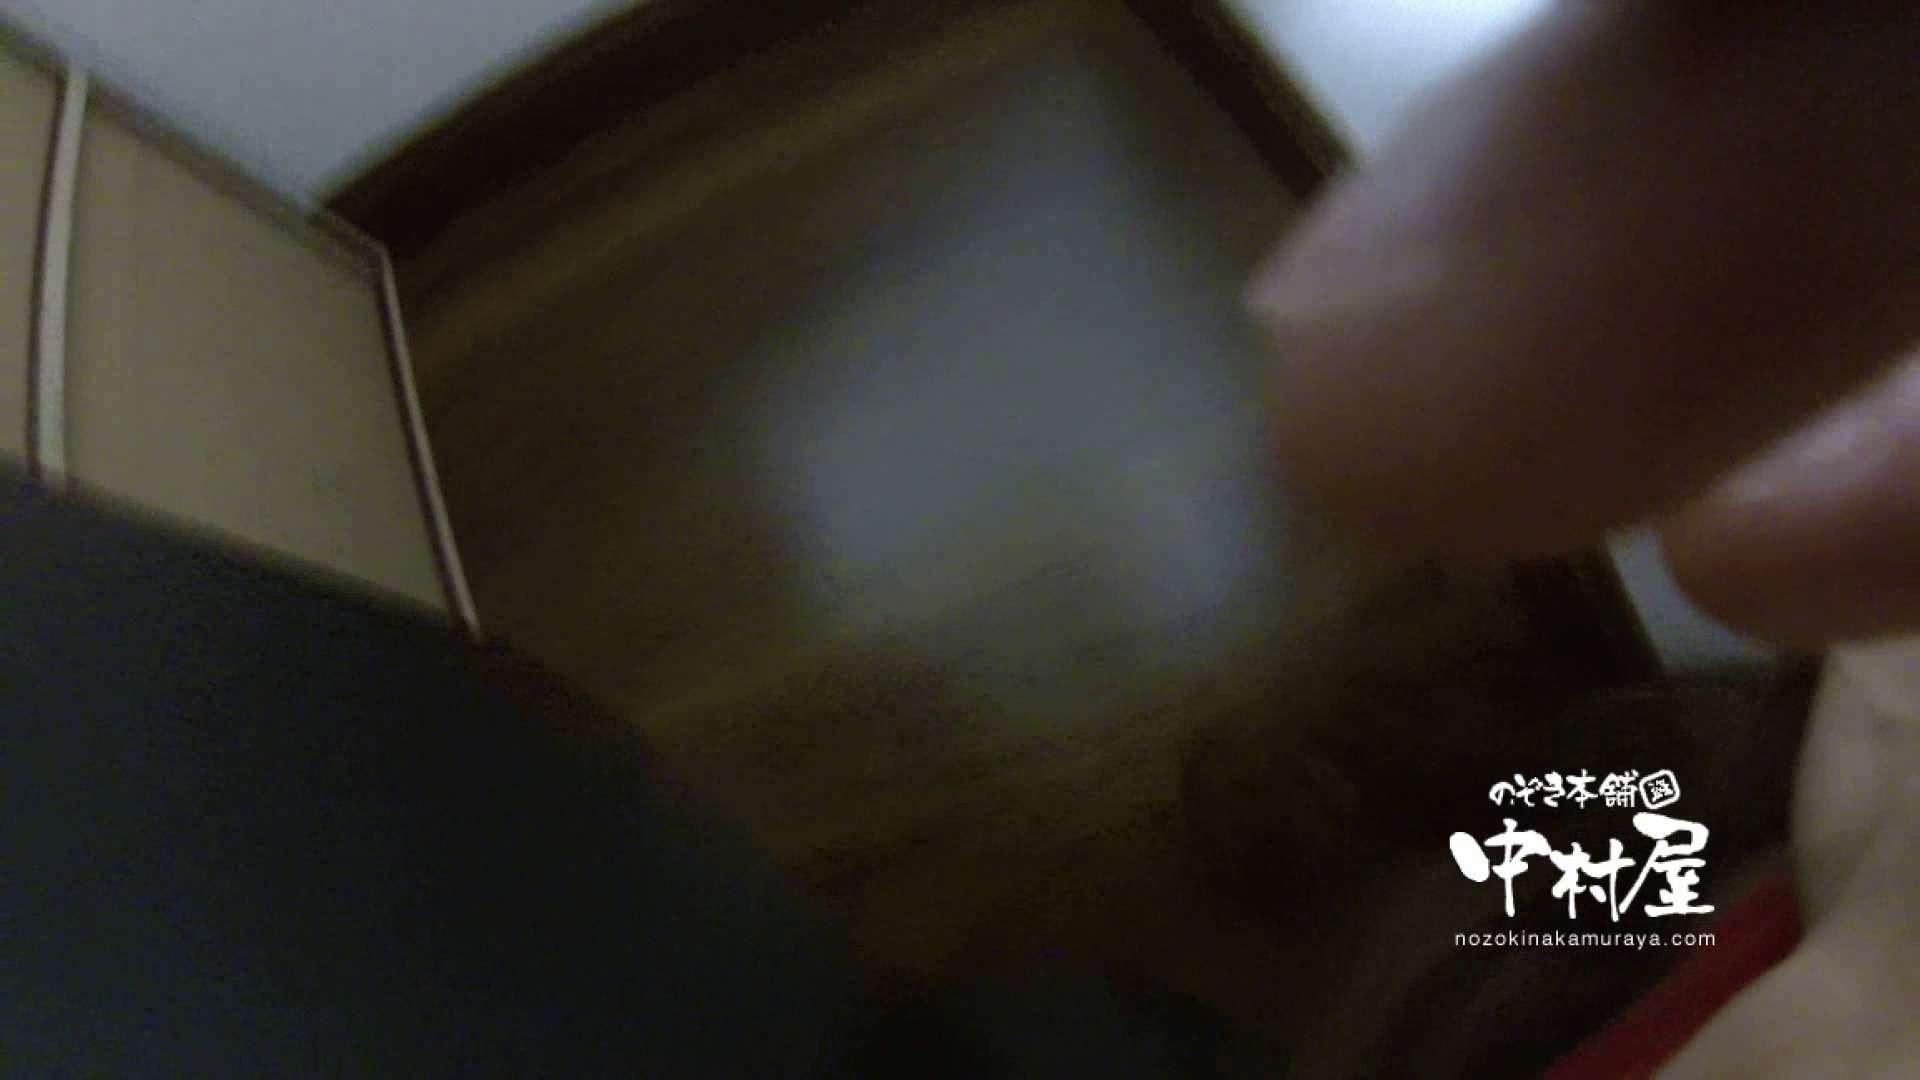 無修正ヌード|鬼畜 vol.13 もうなすがママ→結果クリームパイ 後編|のぞき本舗 中村屋